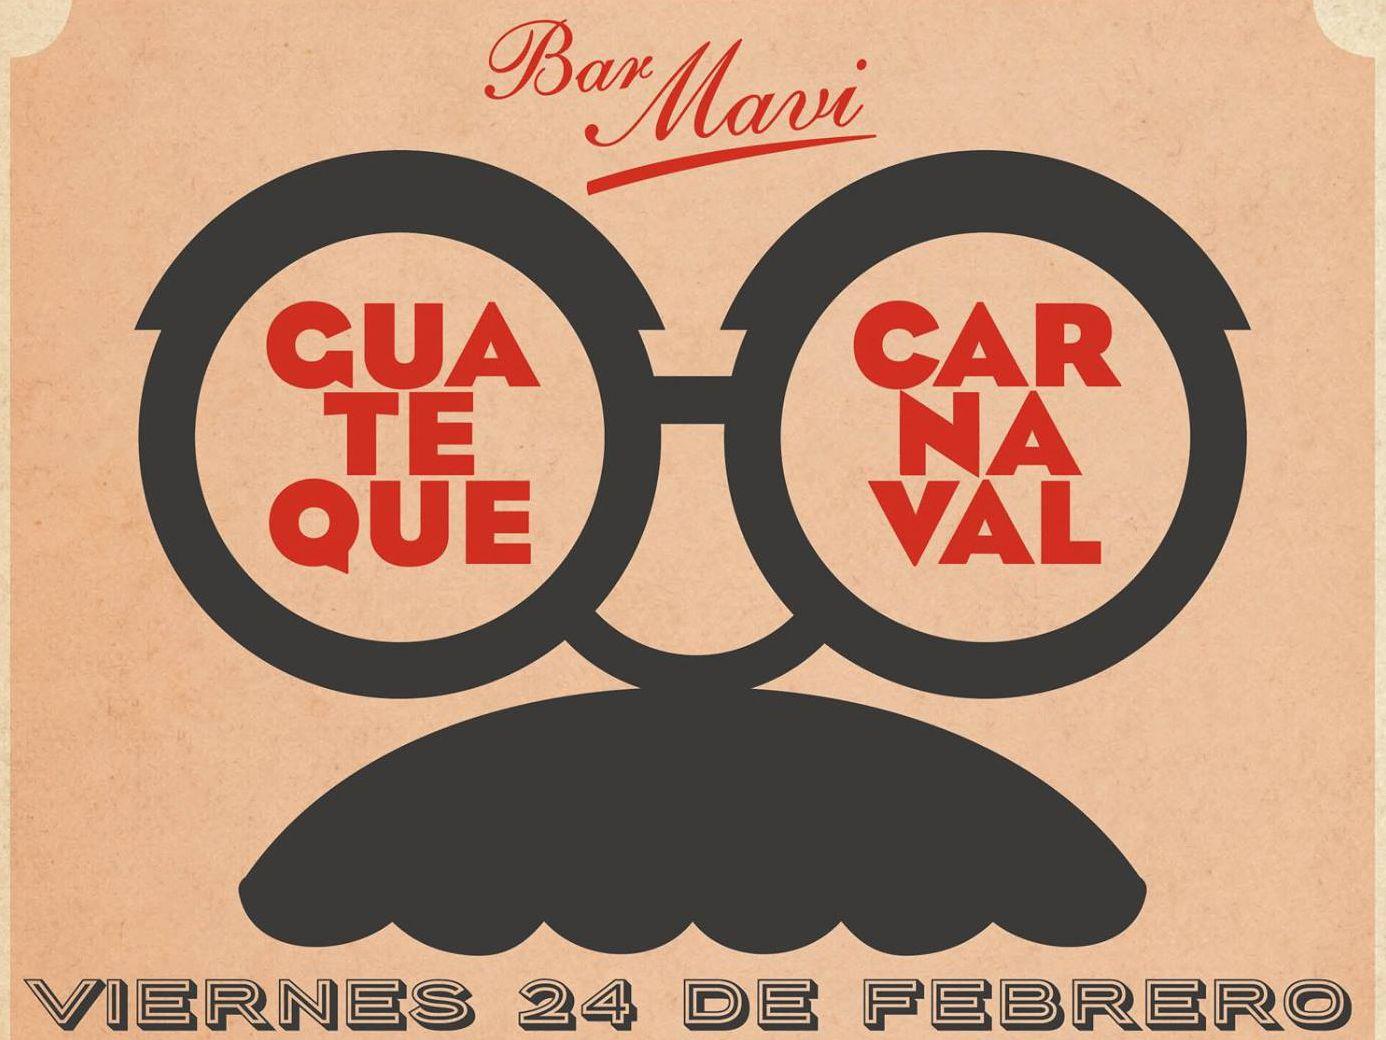 Guateque de Carnaval con sorteo solidario en Bar Mavi